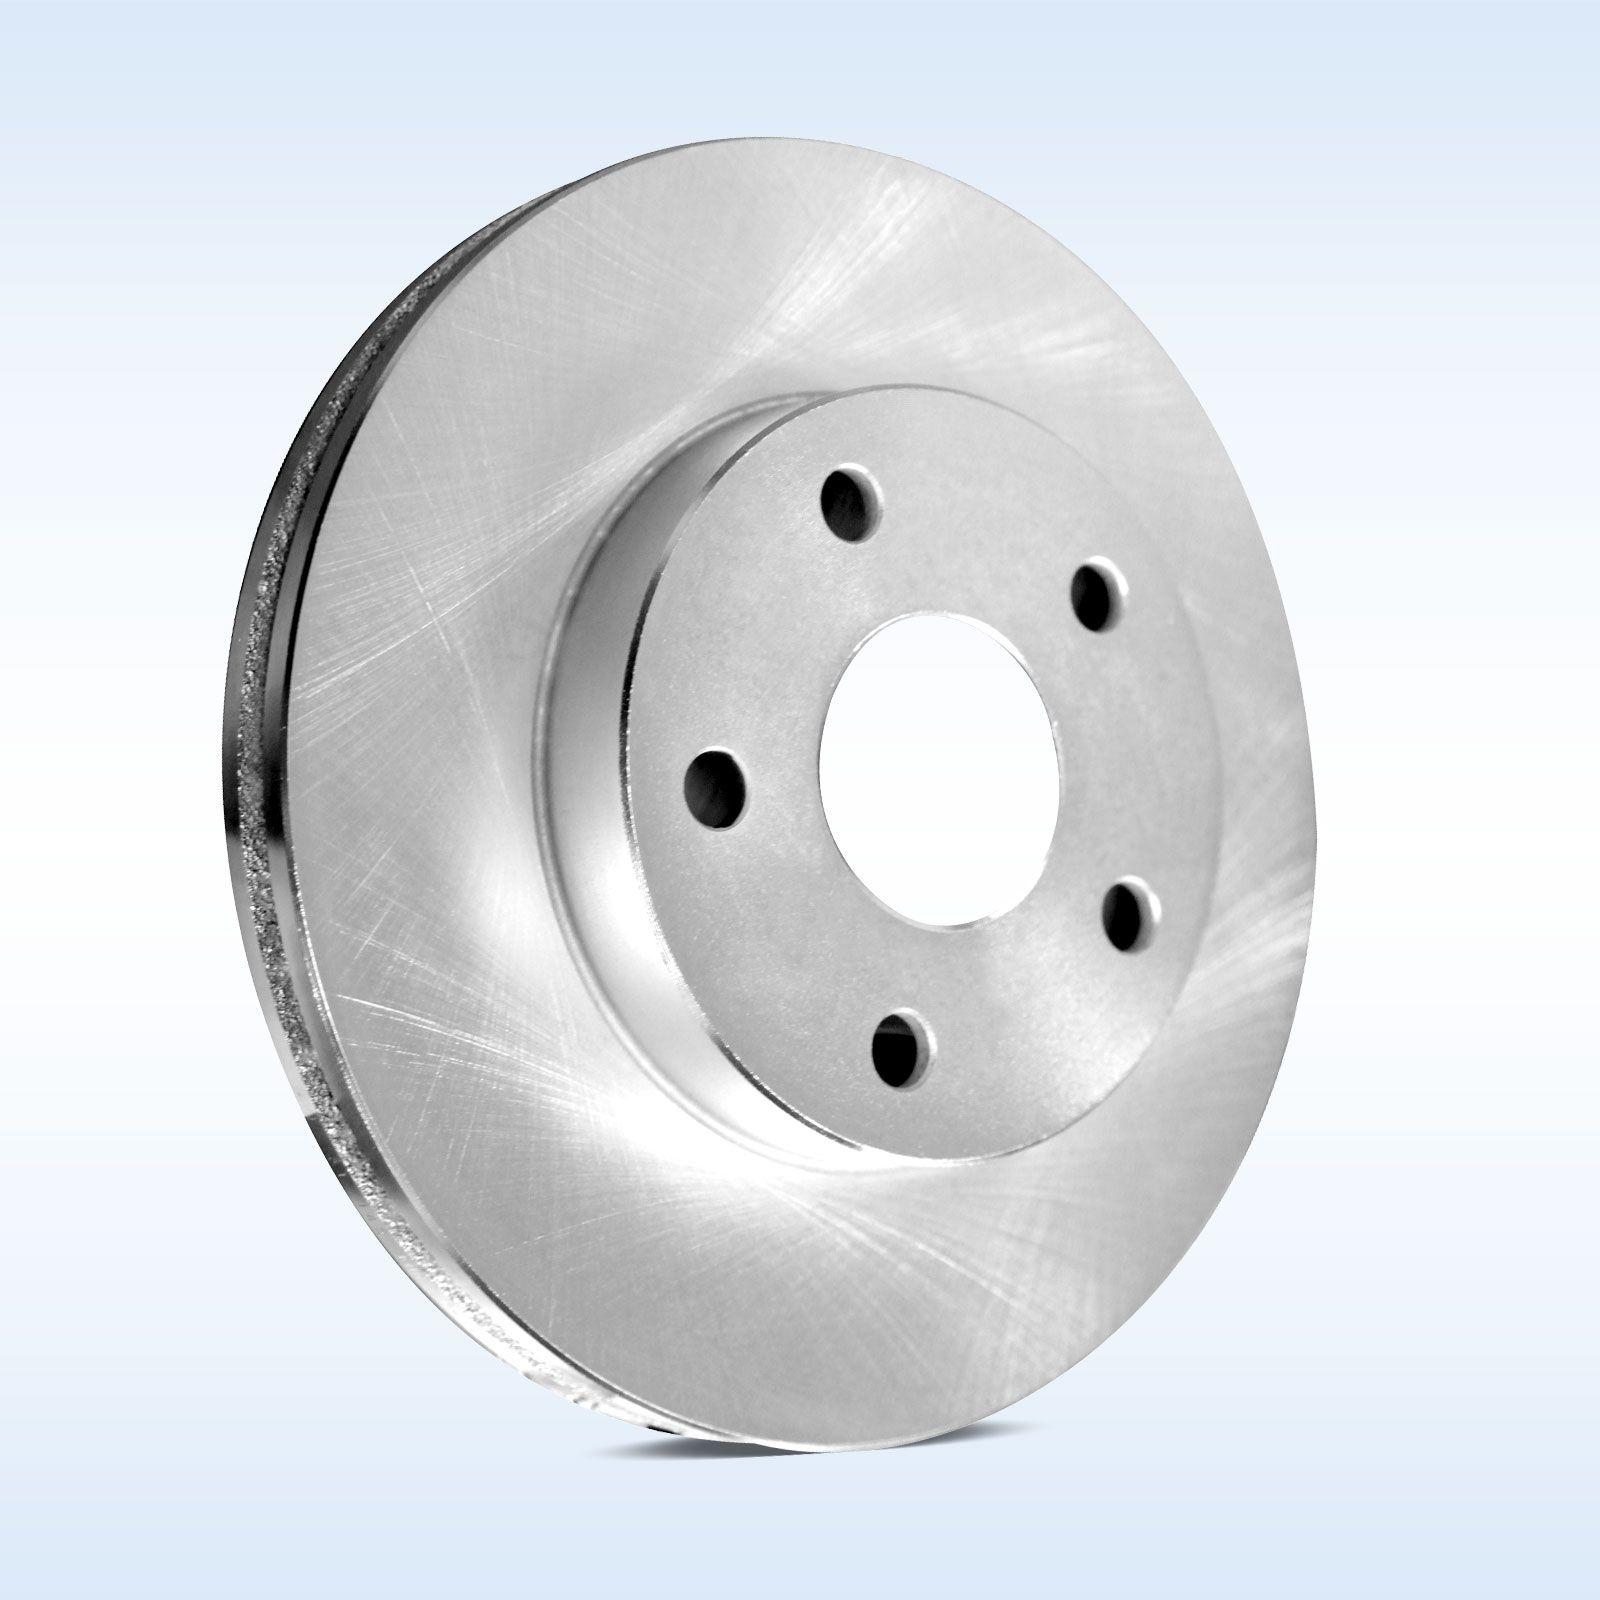 Brake Pad Replacement : Front replacement brake rotors and ceramic pad